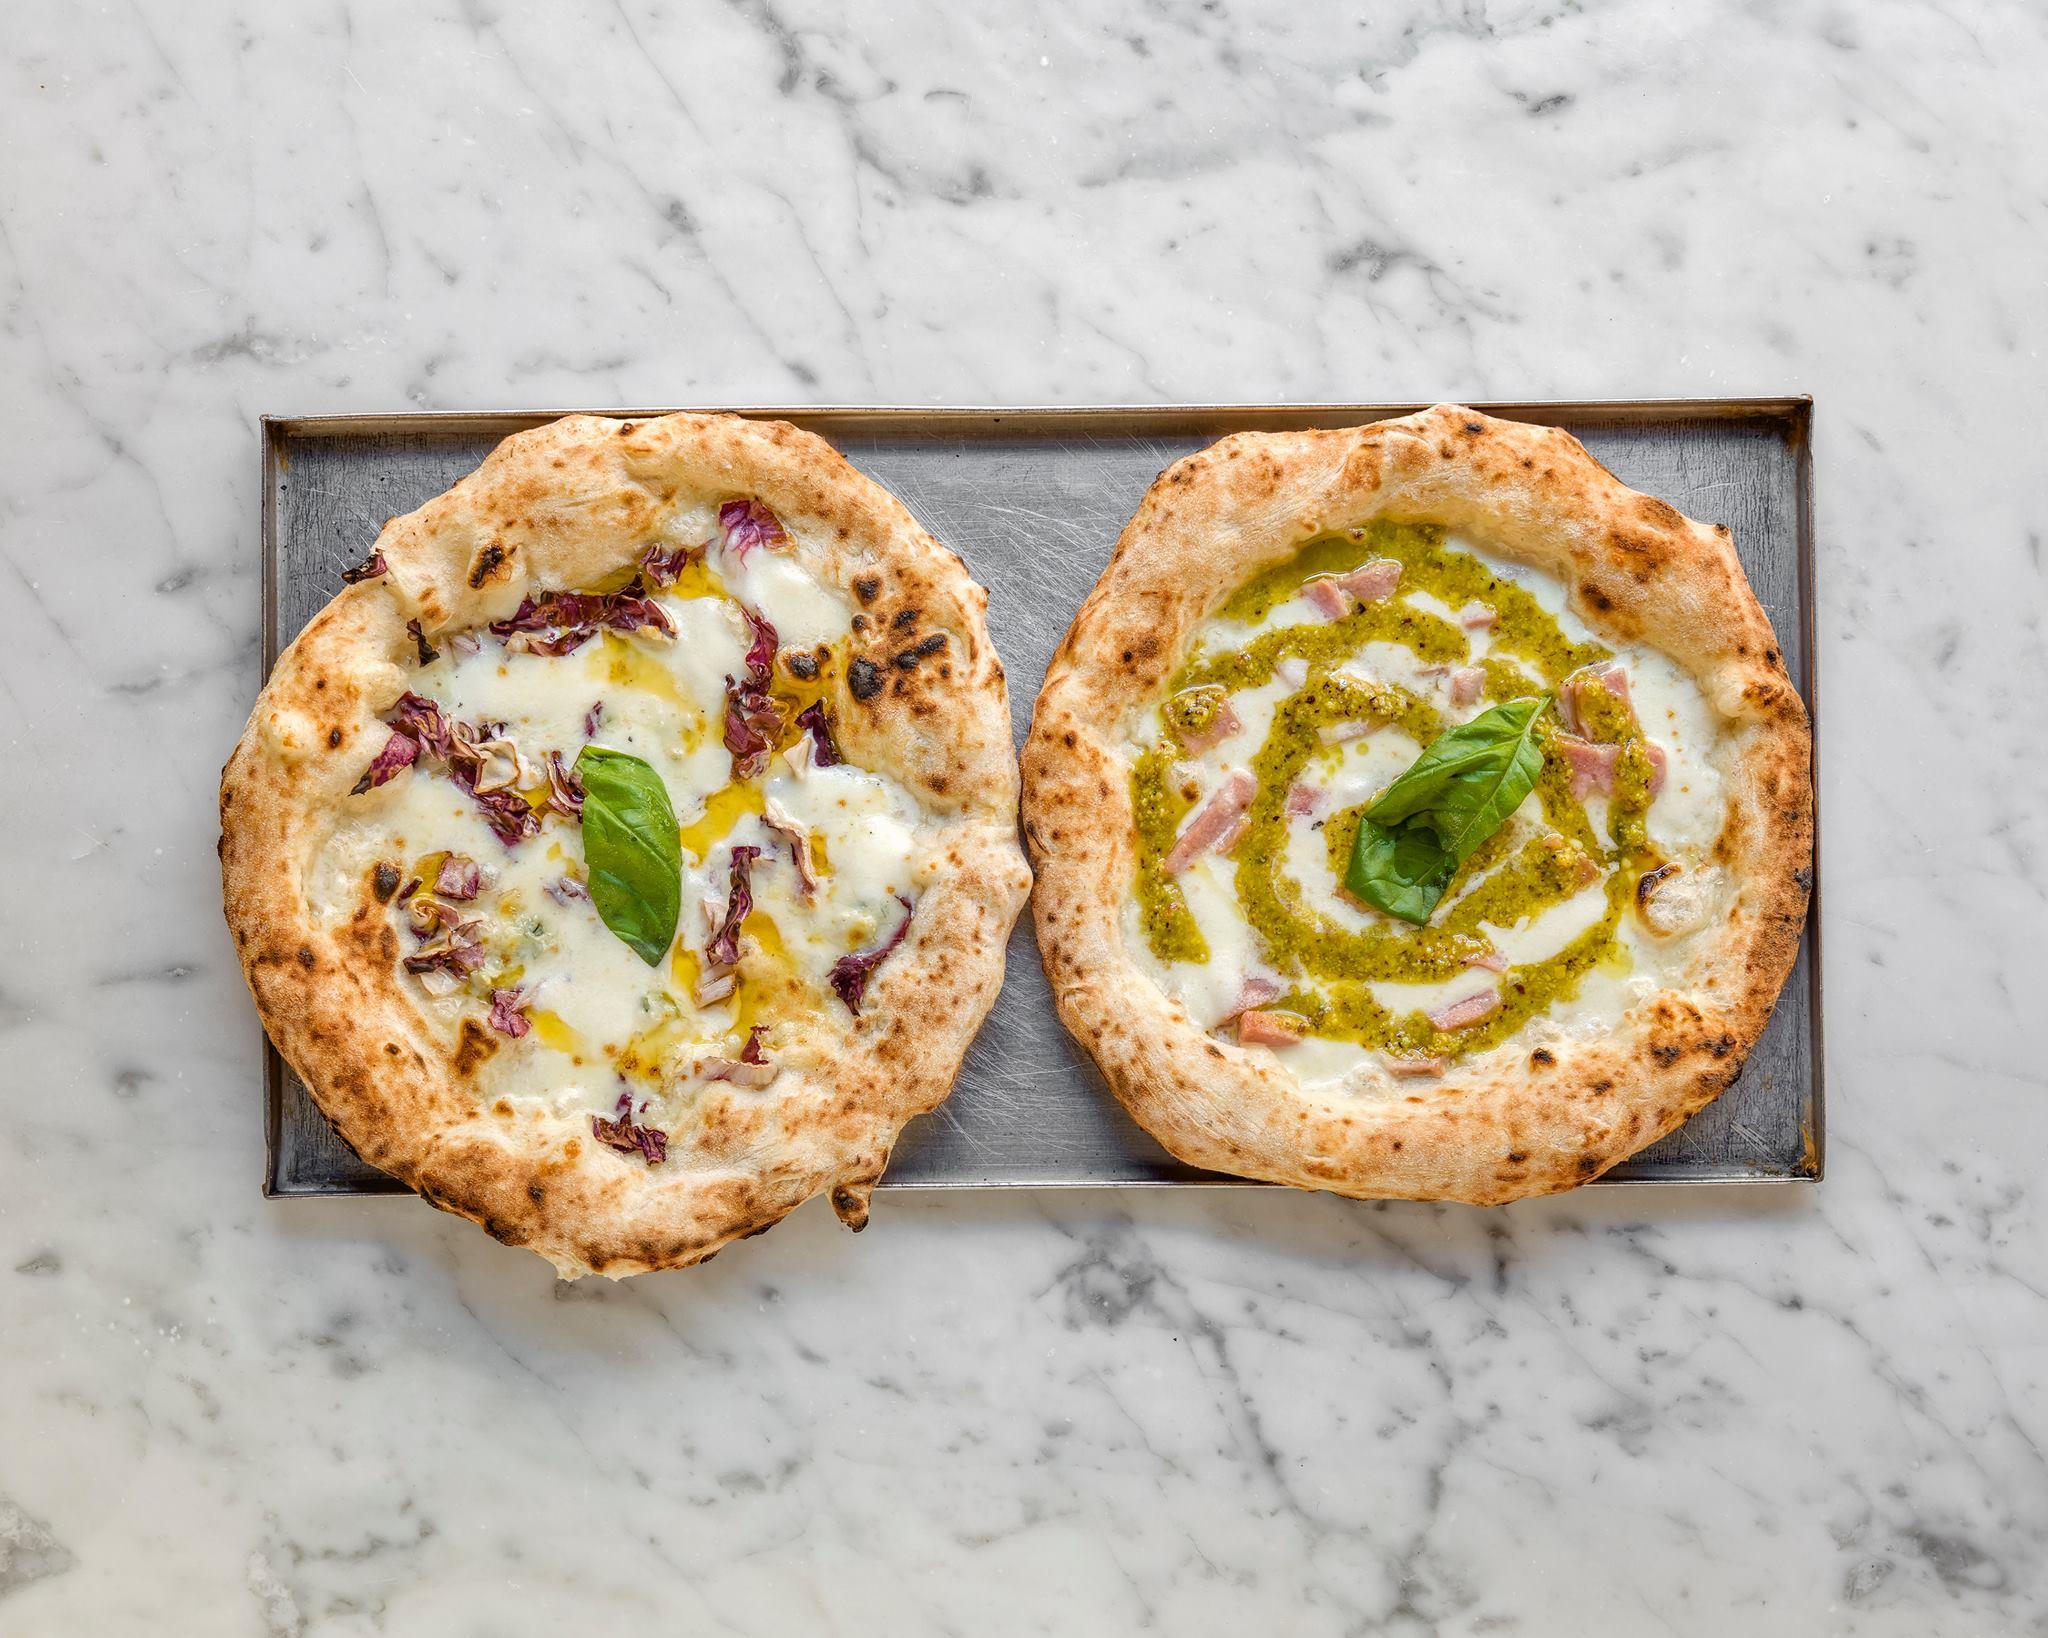 Nuove concezioni di pizza le 5 pizzerie pi insolite di